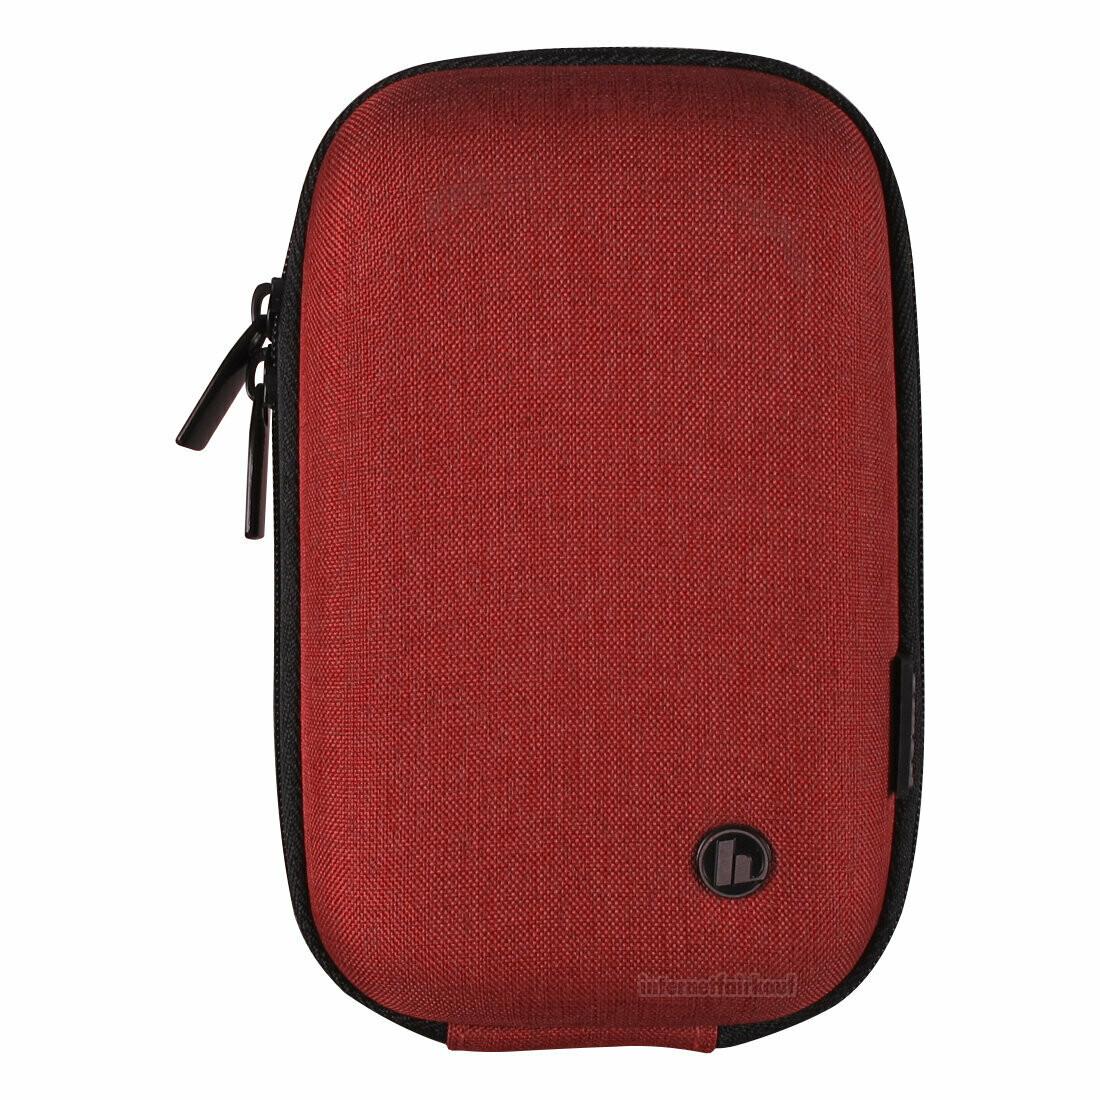 Hardcase Kameratasche rot passend für Canon PowerShot SX720 HS